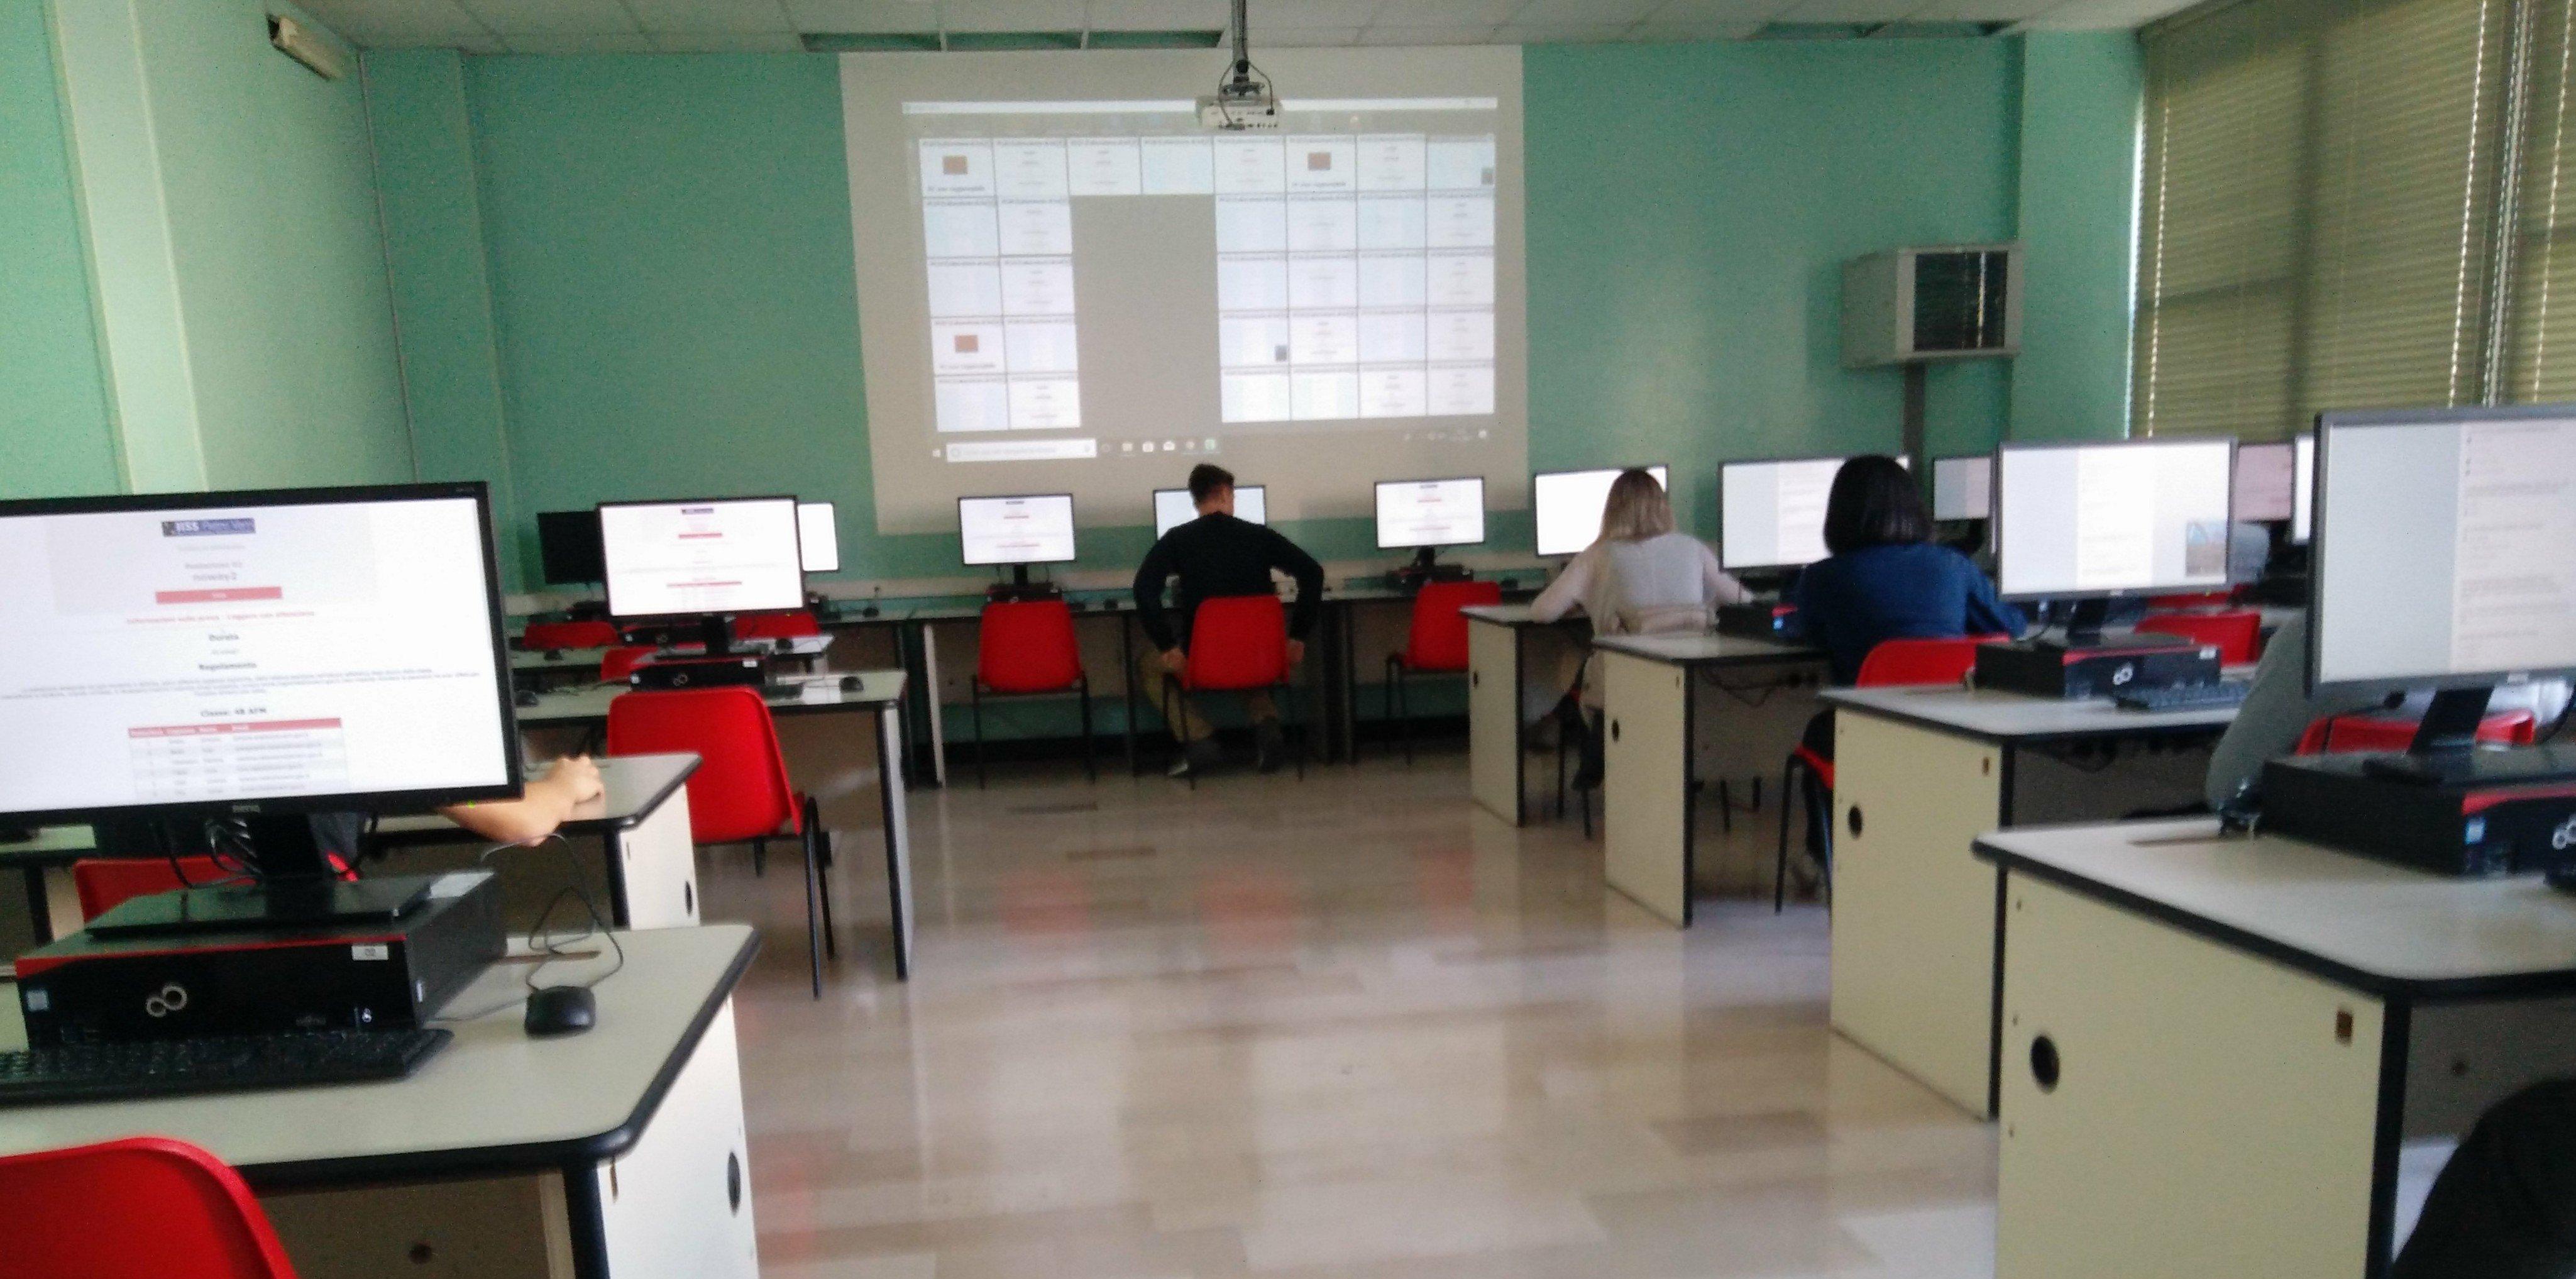 laboratorio triennio2